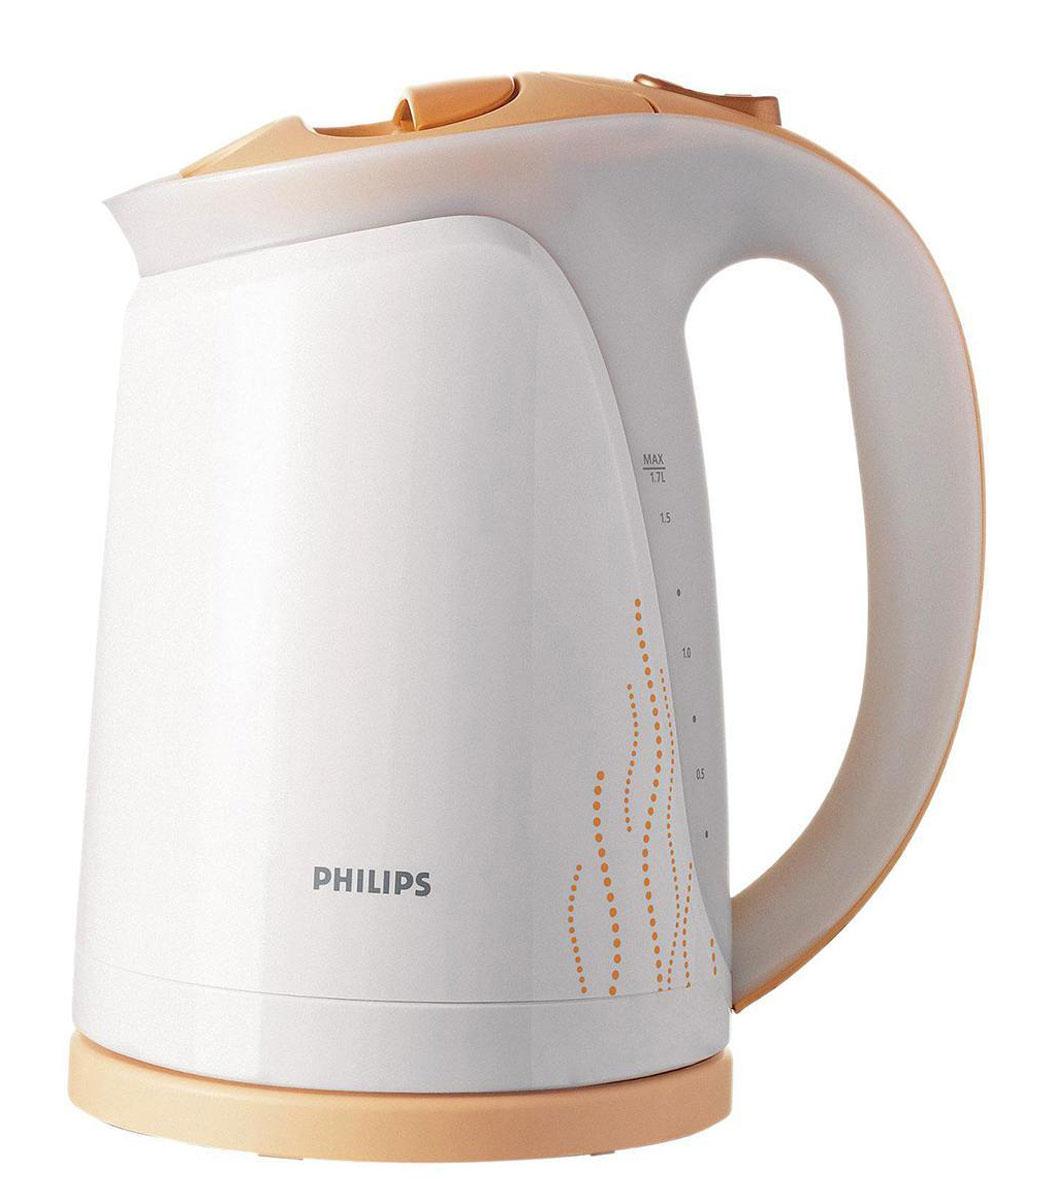 Philips HD4681/55 электрочайникHD4681/55Не правда ли, здорово за считаные секунды вскипятить воду и без лишних усилий очистить чайник Philips? Плоский и удобный в очистке нагревательный элемент позволяет быстро вскипятить воду. Благодаря моющемуся фильтру от накипи вода становится чистой, а напитки - без частиц известкового осадка. Катушка для удобного хранения шнура Шнур оборачивается вокруг основания, что позволяет легко разместить чайник на кухне. Беспроводная подставка с поворотом на 360° для удобства использования. Плоский нагревательный элемент для быстрого кипячения воды и легкой чистки Встроенный нагревательный элемент из нержавеющей стали обеспечивает быстрое кипячение и простую чистку. Широко открывающаяся откидная крышка для удобства наполнения и чистки чайника исключает контакт с паром.При включенном чайнике загорается подсветка Подсветка вокруг регулятора температуры четко показывает, что чайник включен.Комплексная система безопасностиКомплексная система безопасности для предотвращения короткого замыкания и выкипания воды. Функция автовыключения активируется, когда процесс завершается или прибор снимается с основания. Понятный индикатор уровня воды Понятный индикатор уровня воды удобен как для правшей, так и для левшей. Звуковой сигнал извещает о закипании воды.Фильтр против накипи двойного действия обеспечивает чистоту воды Двойной фильтр работает следующим образом: коллектор накипи удерживает накипь, а обычный фильтр предотвращает попадание частиц известкового налета в напитки.